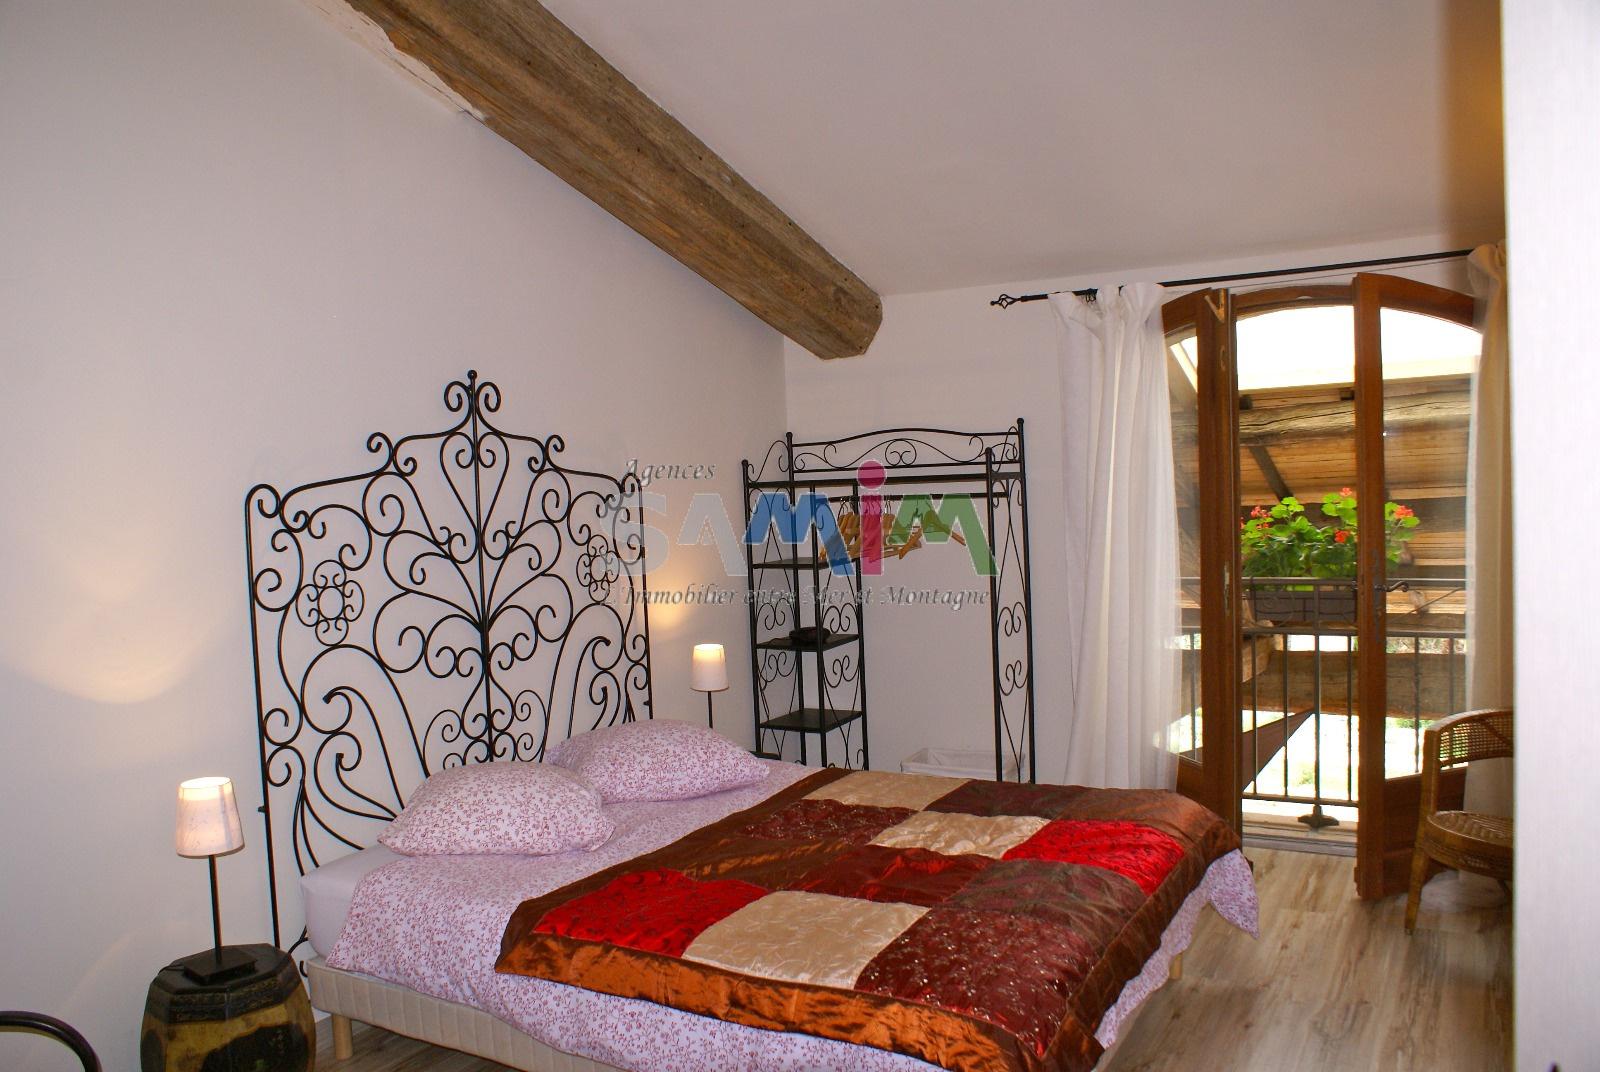 #BA2810 A VENDRE  BELLE DEMEURE Ou CHAMBRE D'HÔTES PETITE  2349 petite chambre belle 1600x1072 px @ aertt.com